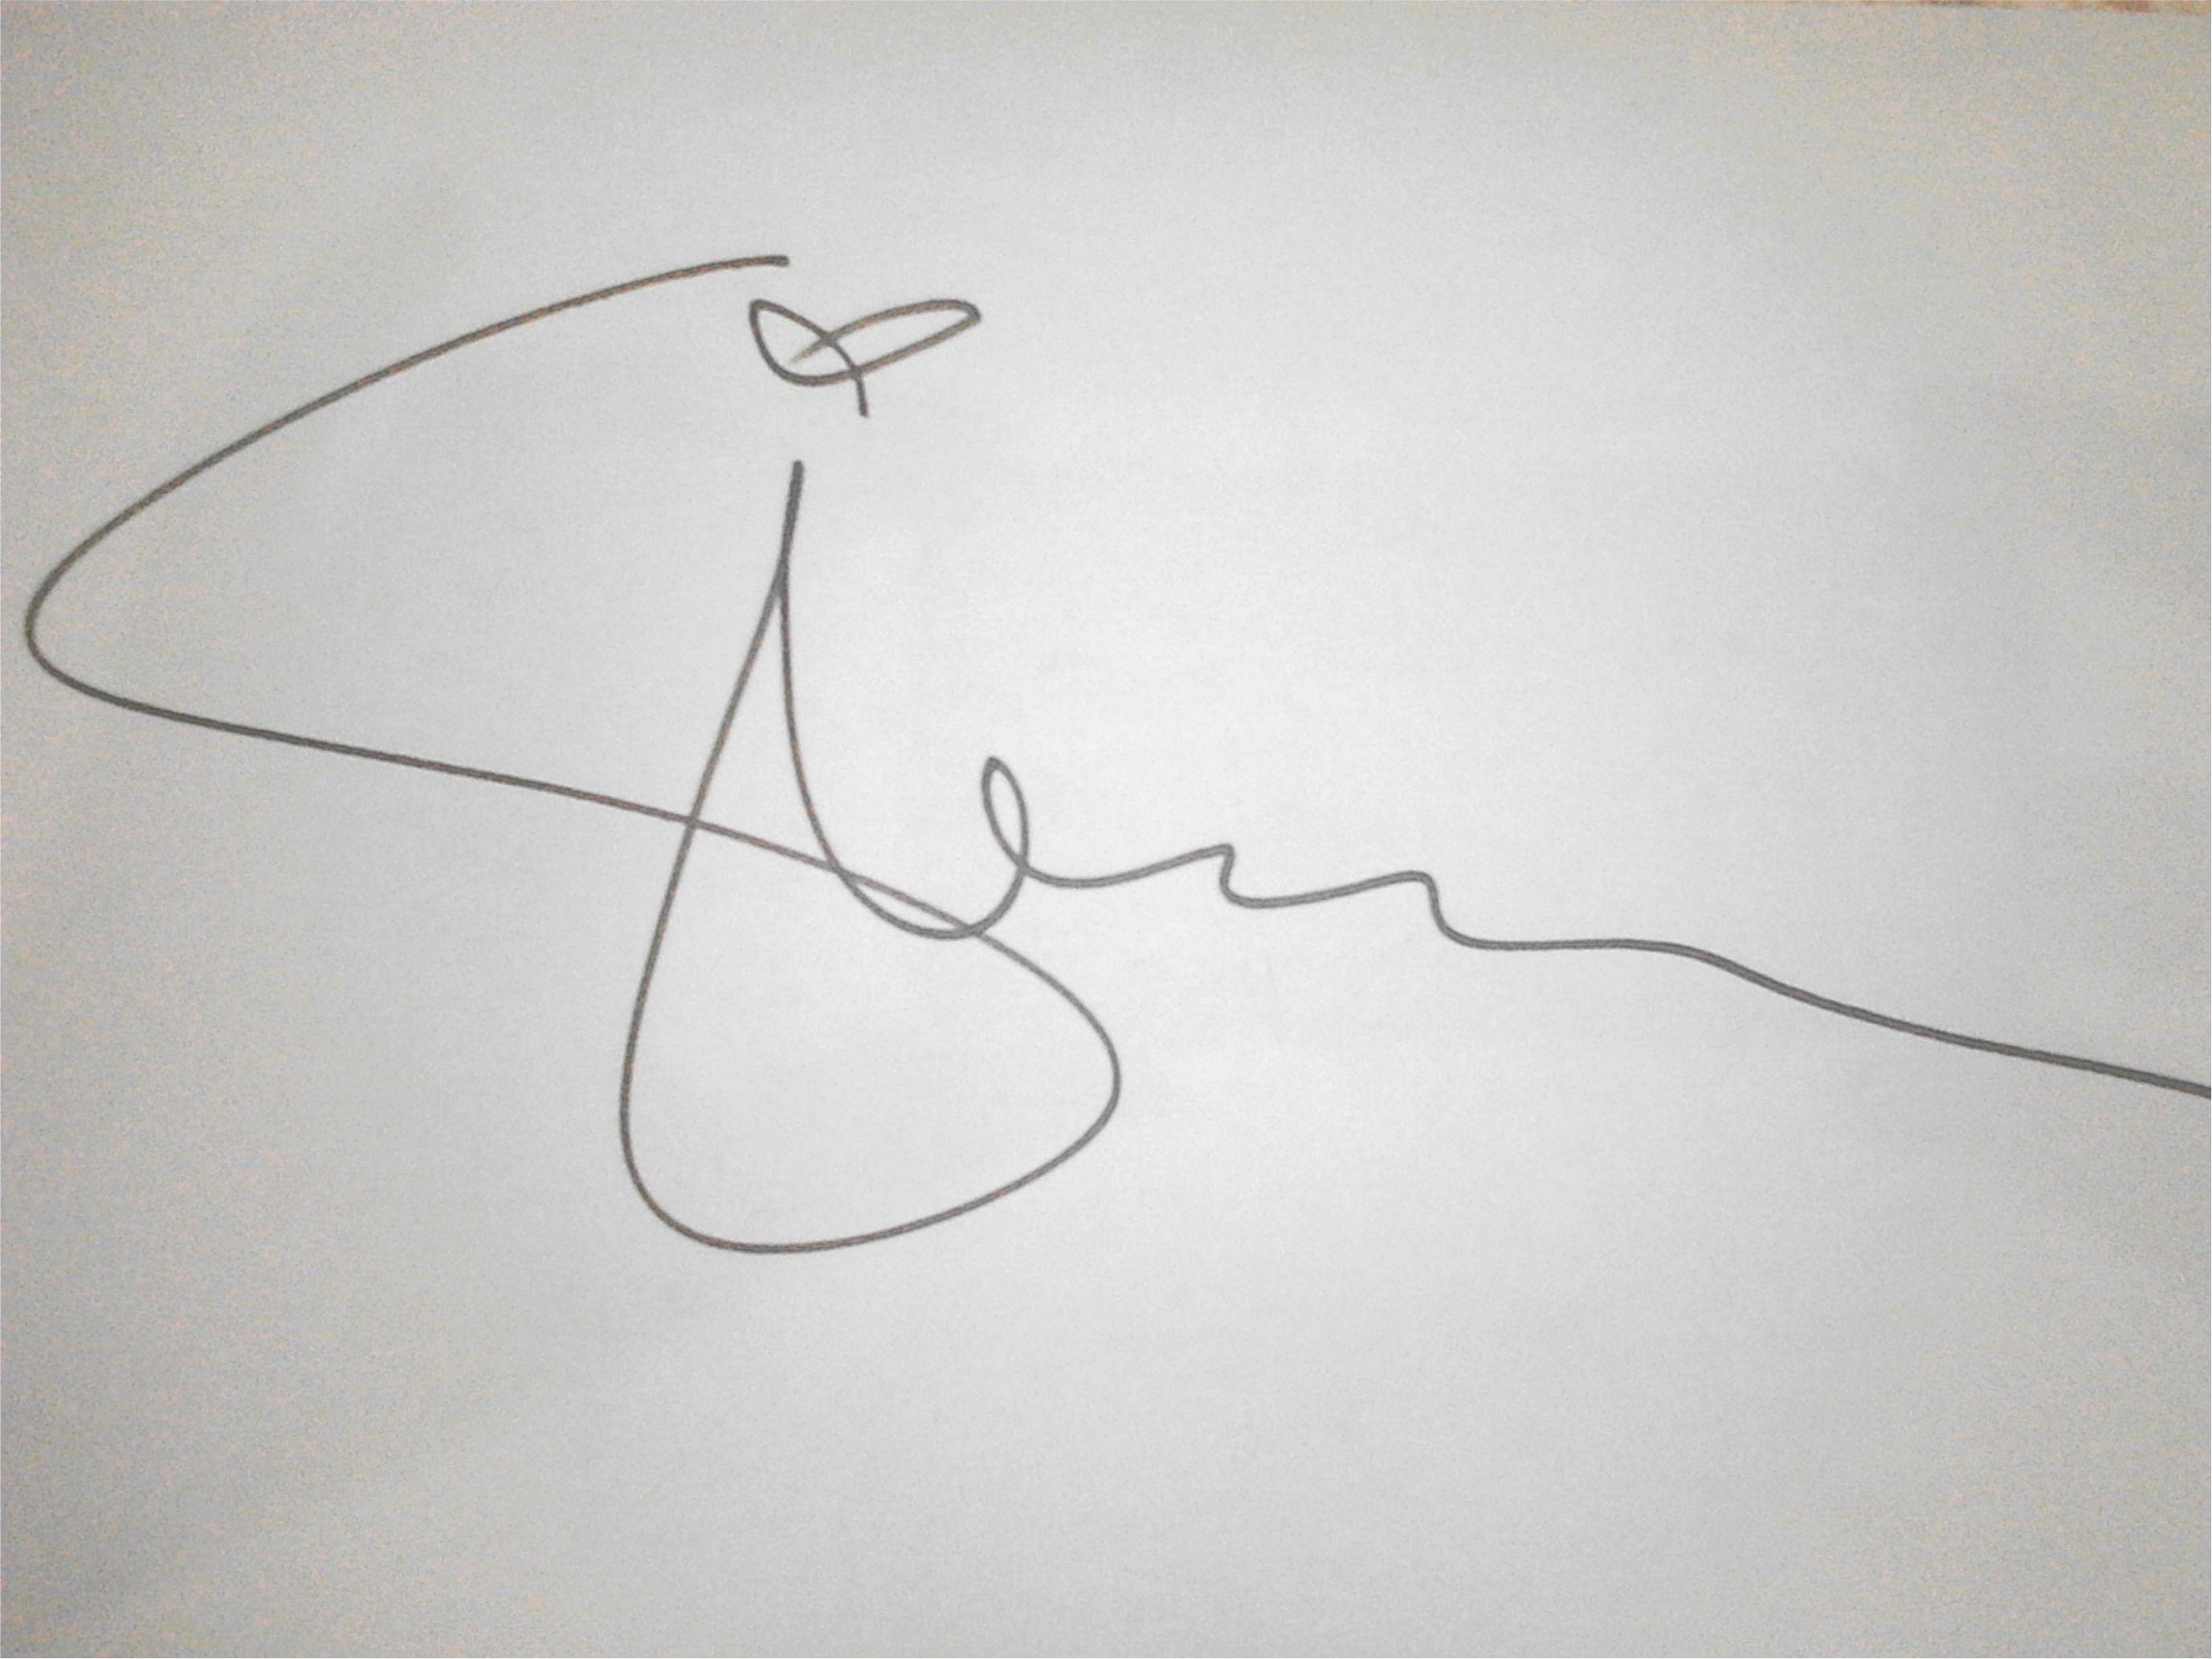 eMA SUJALMA Signature